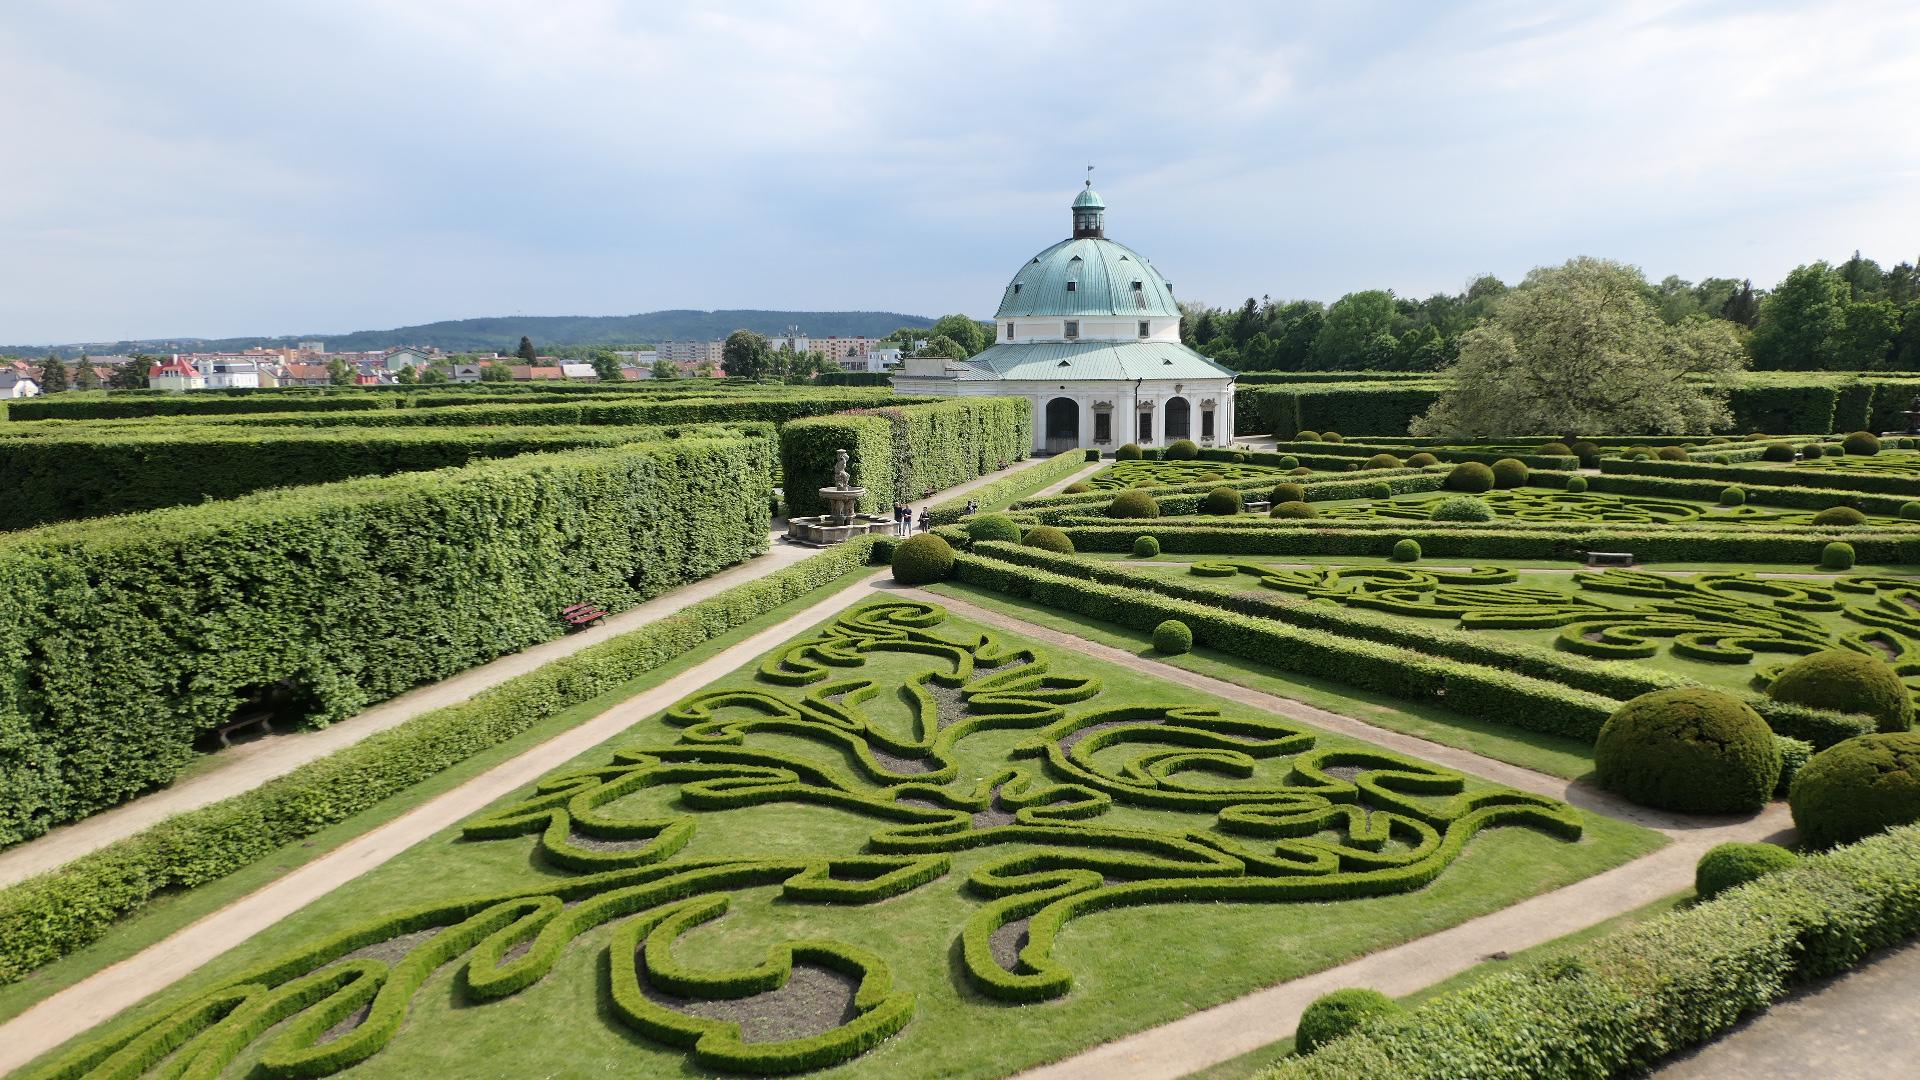 世界遺産「クロムニェジーシュの庭園と城」~迷宮のような花の庭園